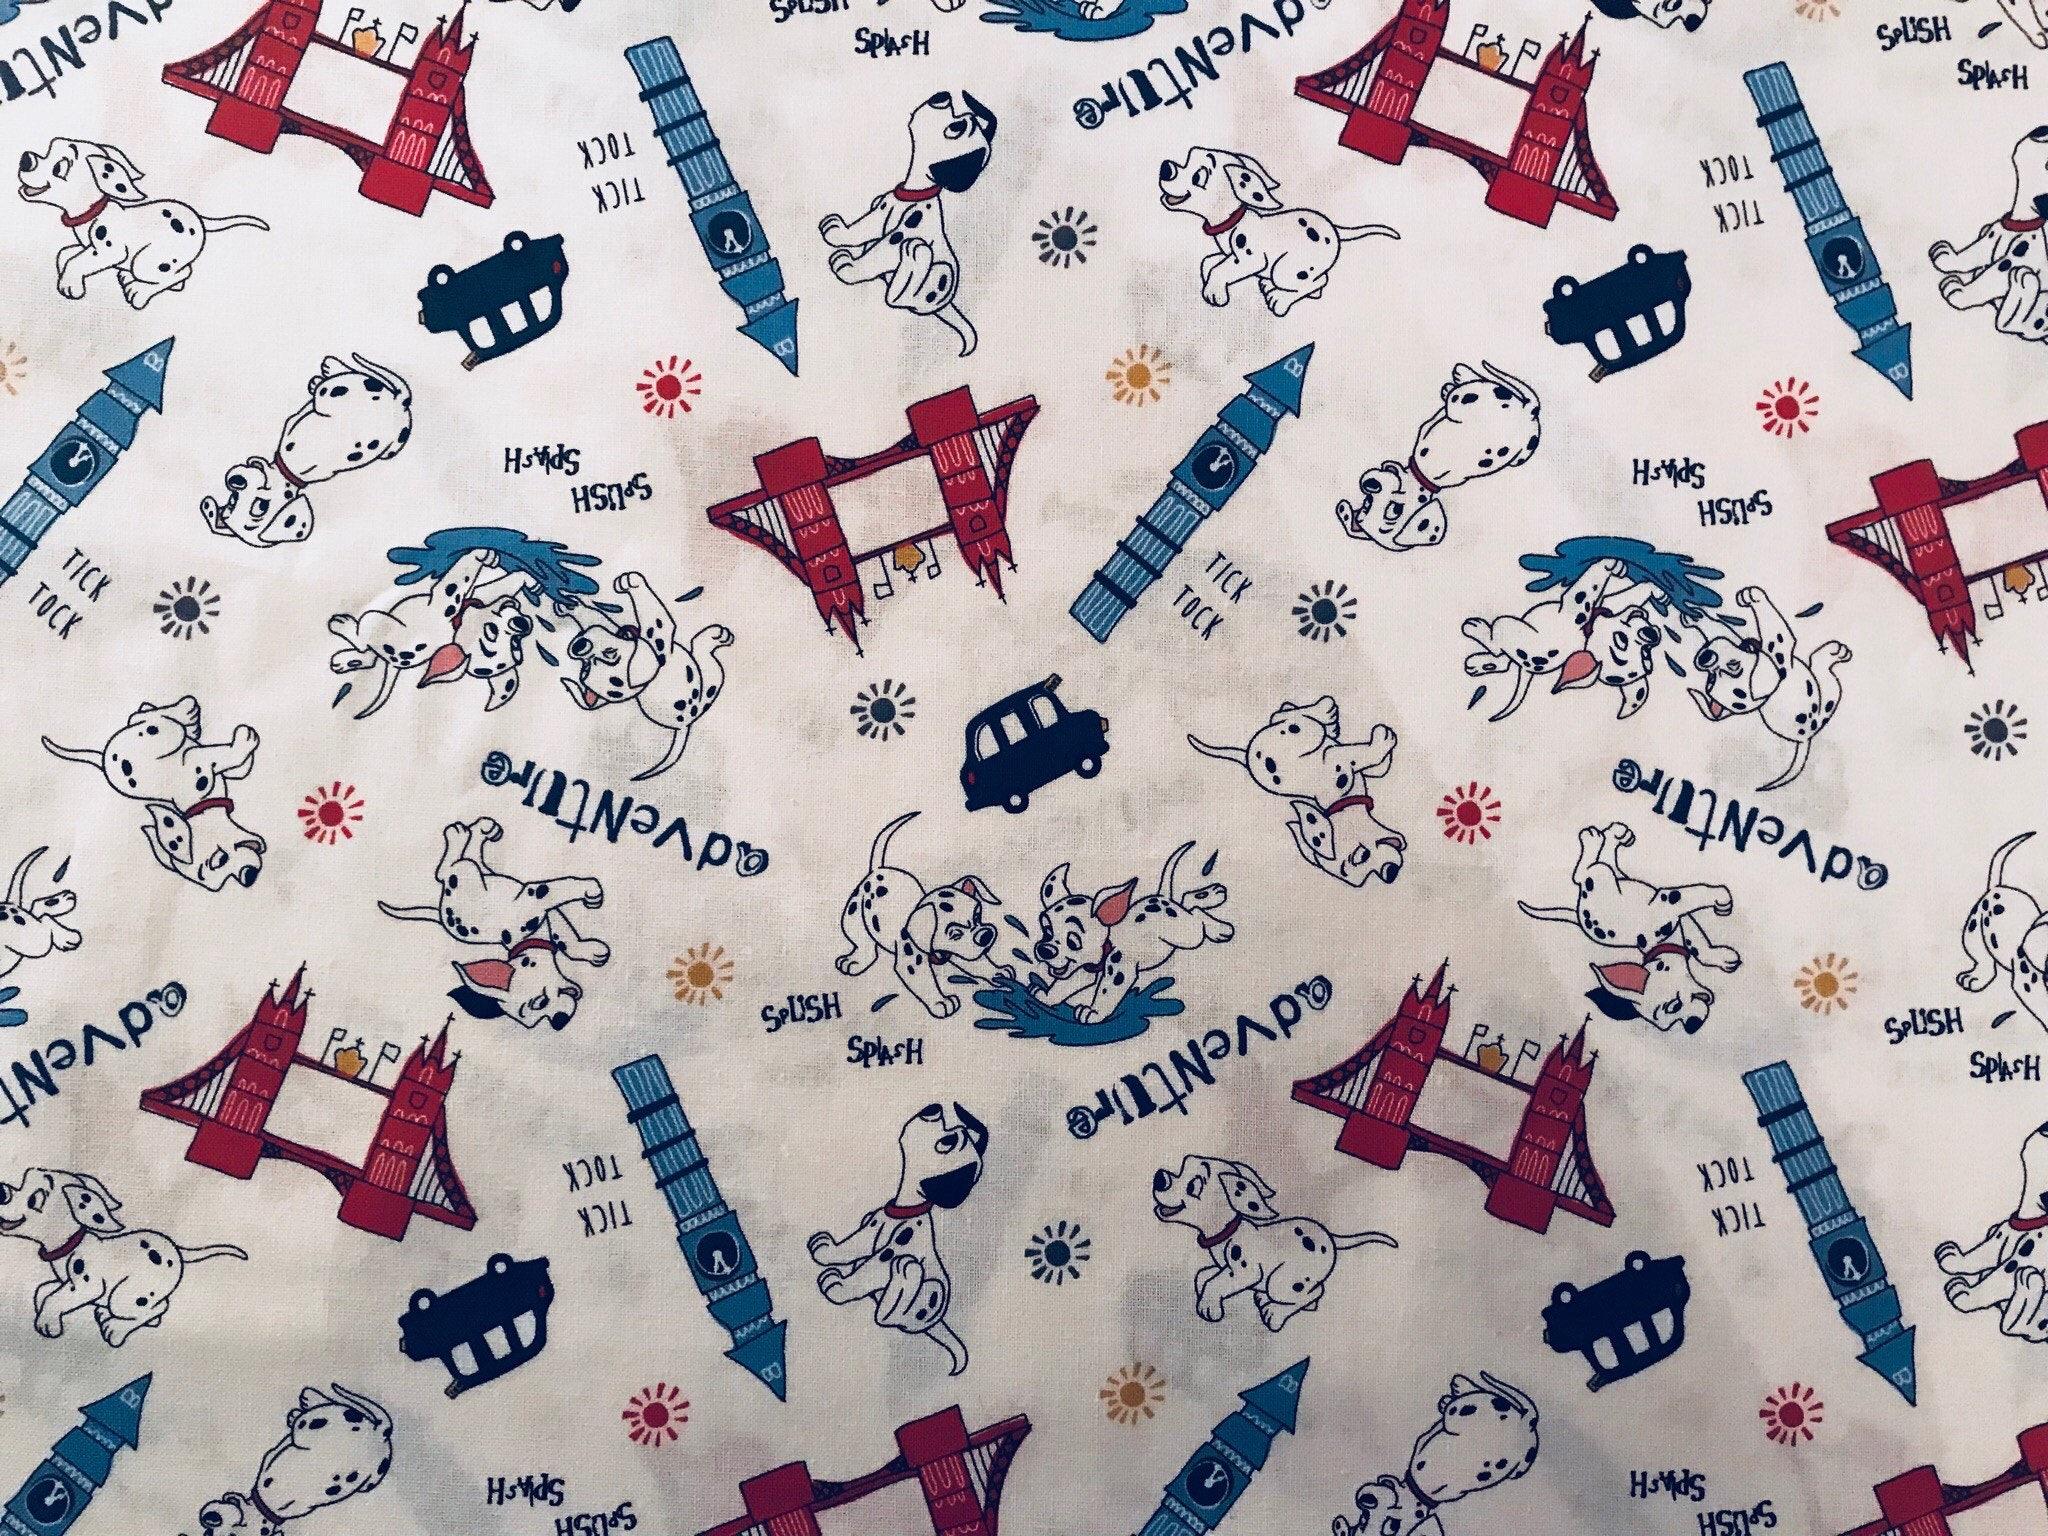 Disney 101 Dalmatian Adventure Fabric Disney Fabric London Etsy